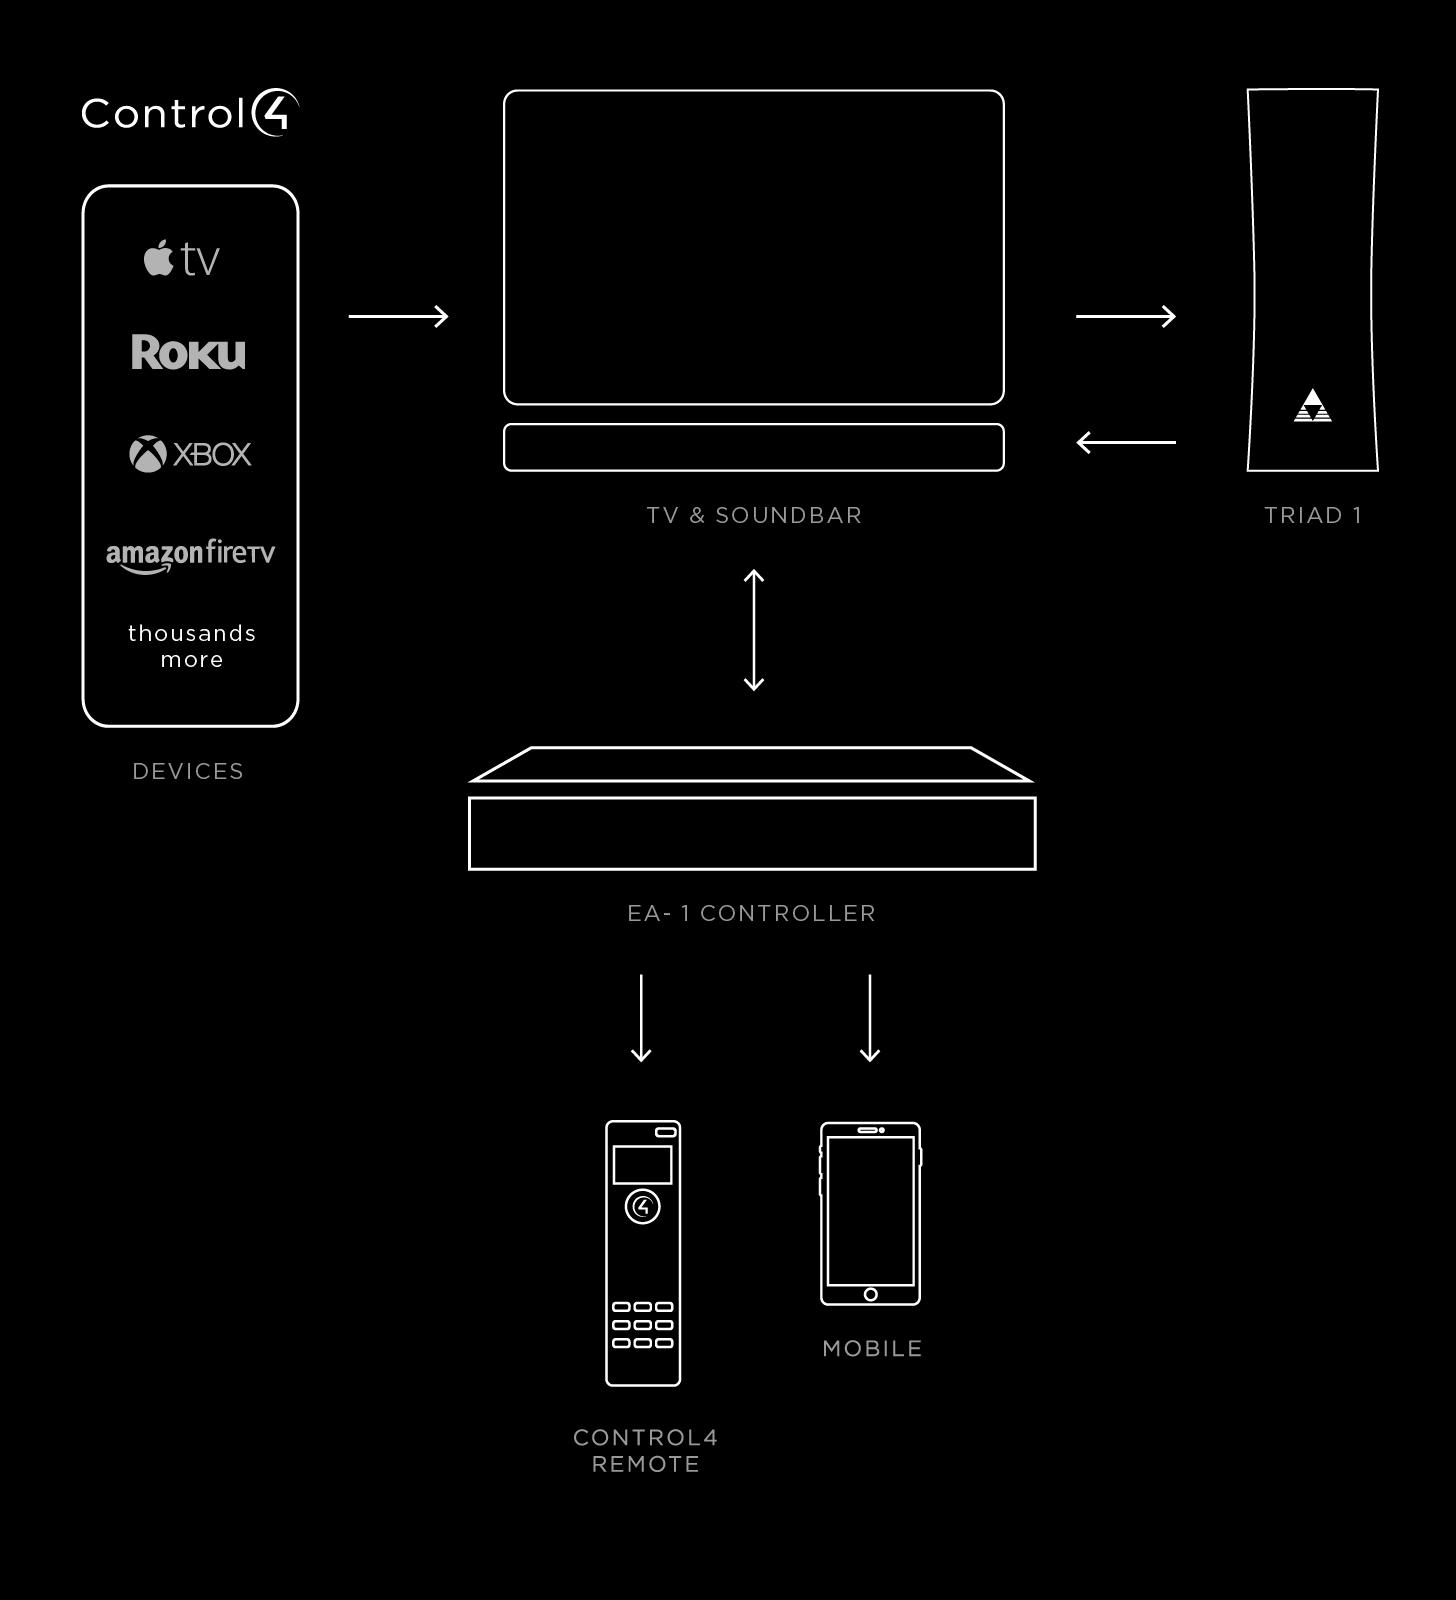 control4.com